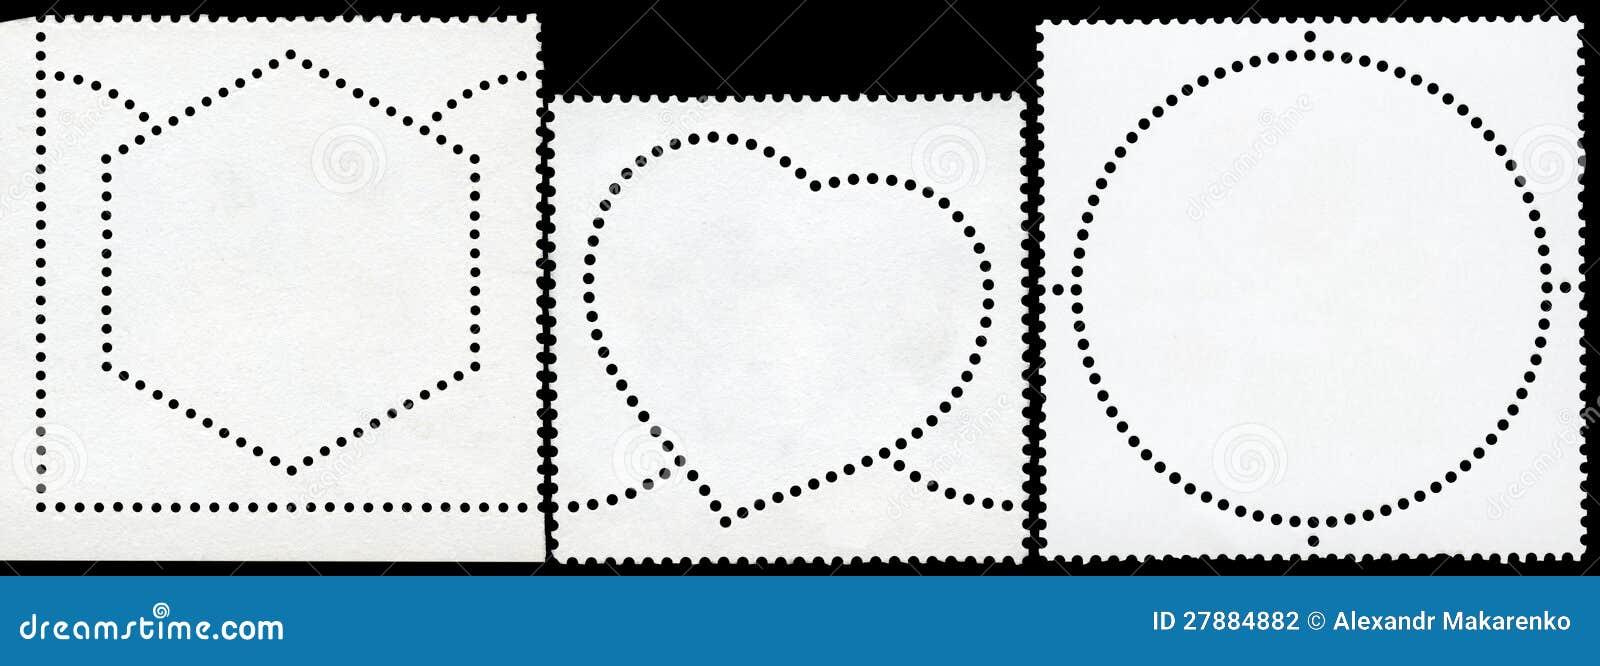 Κενό γραμματόσημο που πλαισιώνεται από τα μαύρα σύνορα.